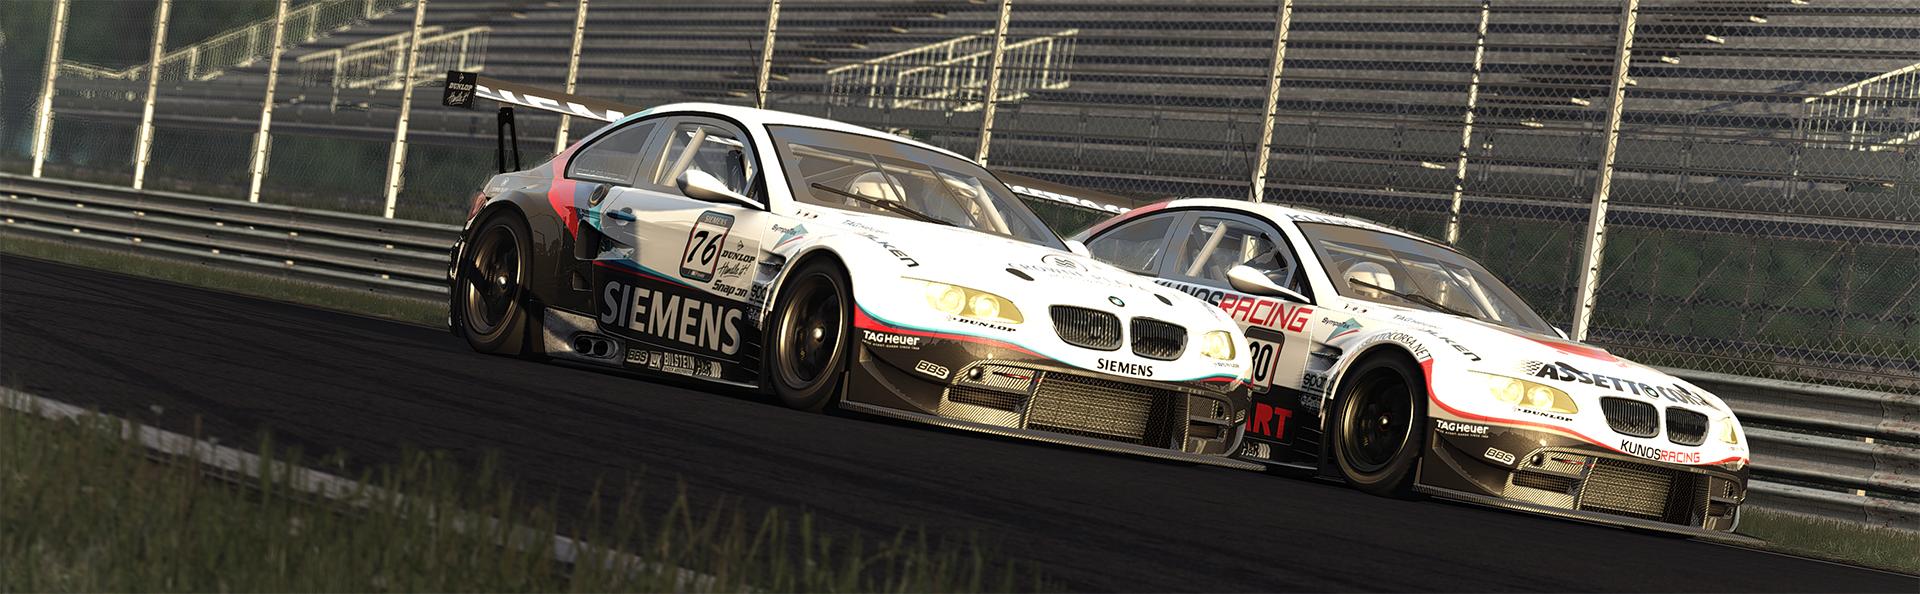 M3 GT2 racing